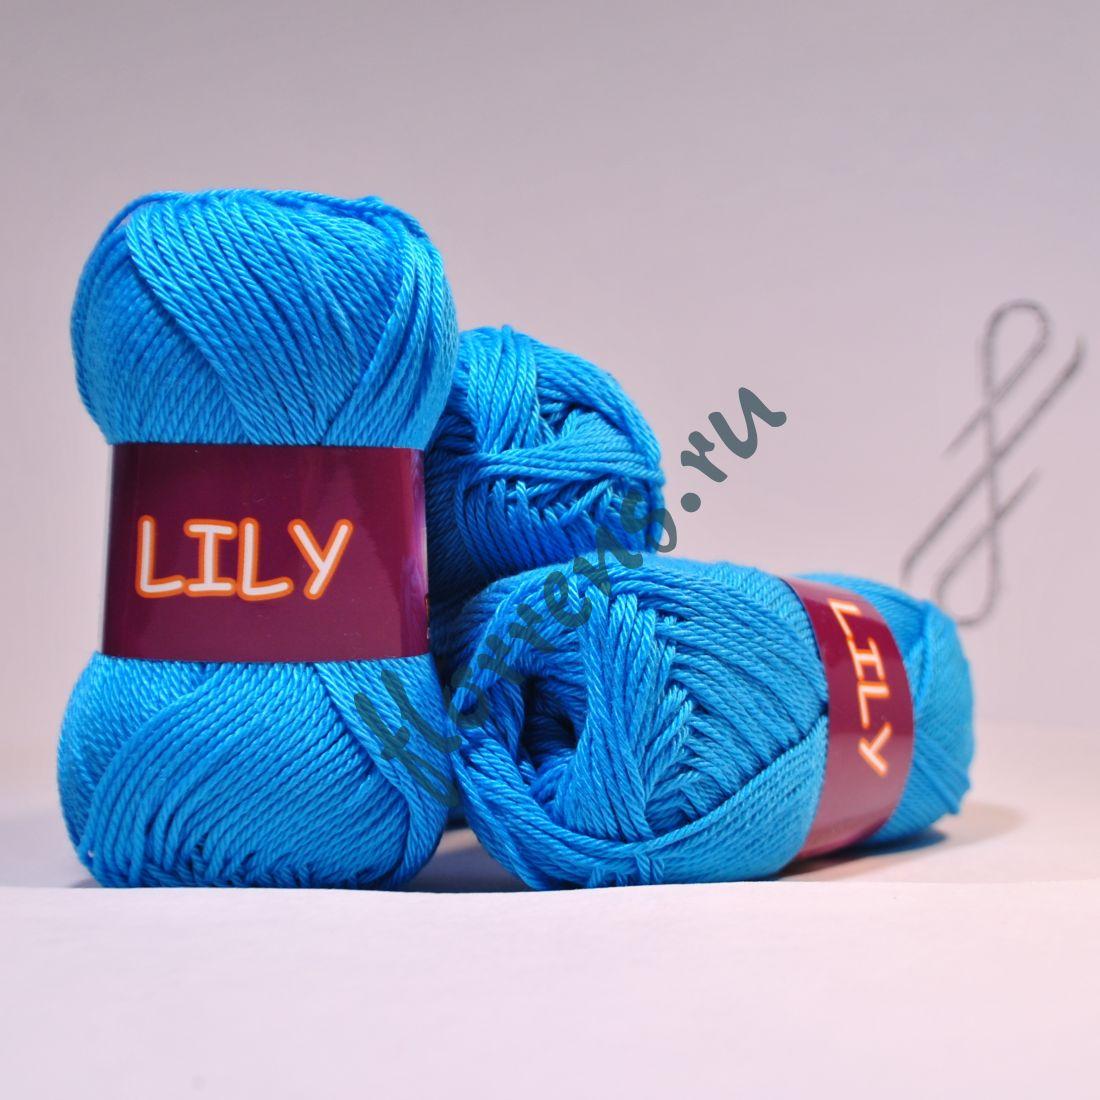 Пряжа Lily 1618 голубая бирюза